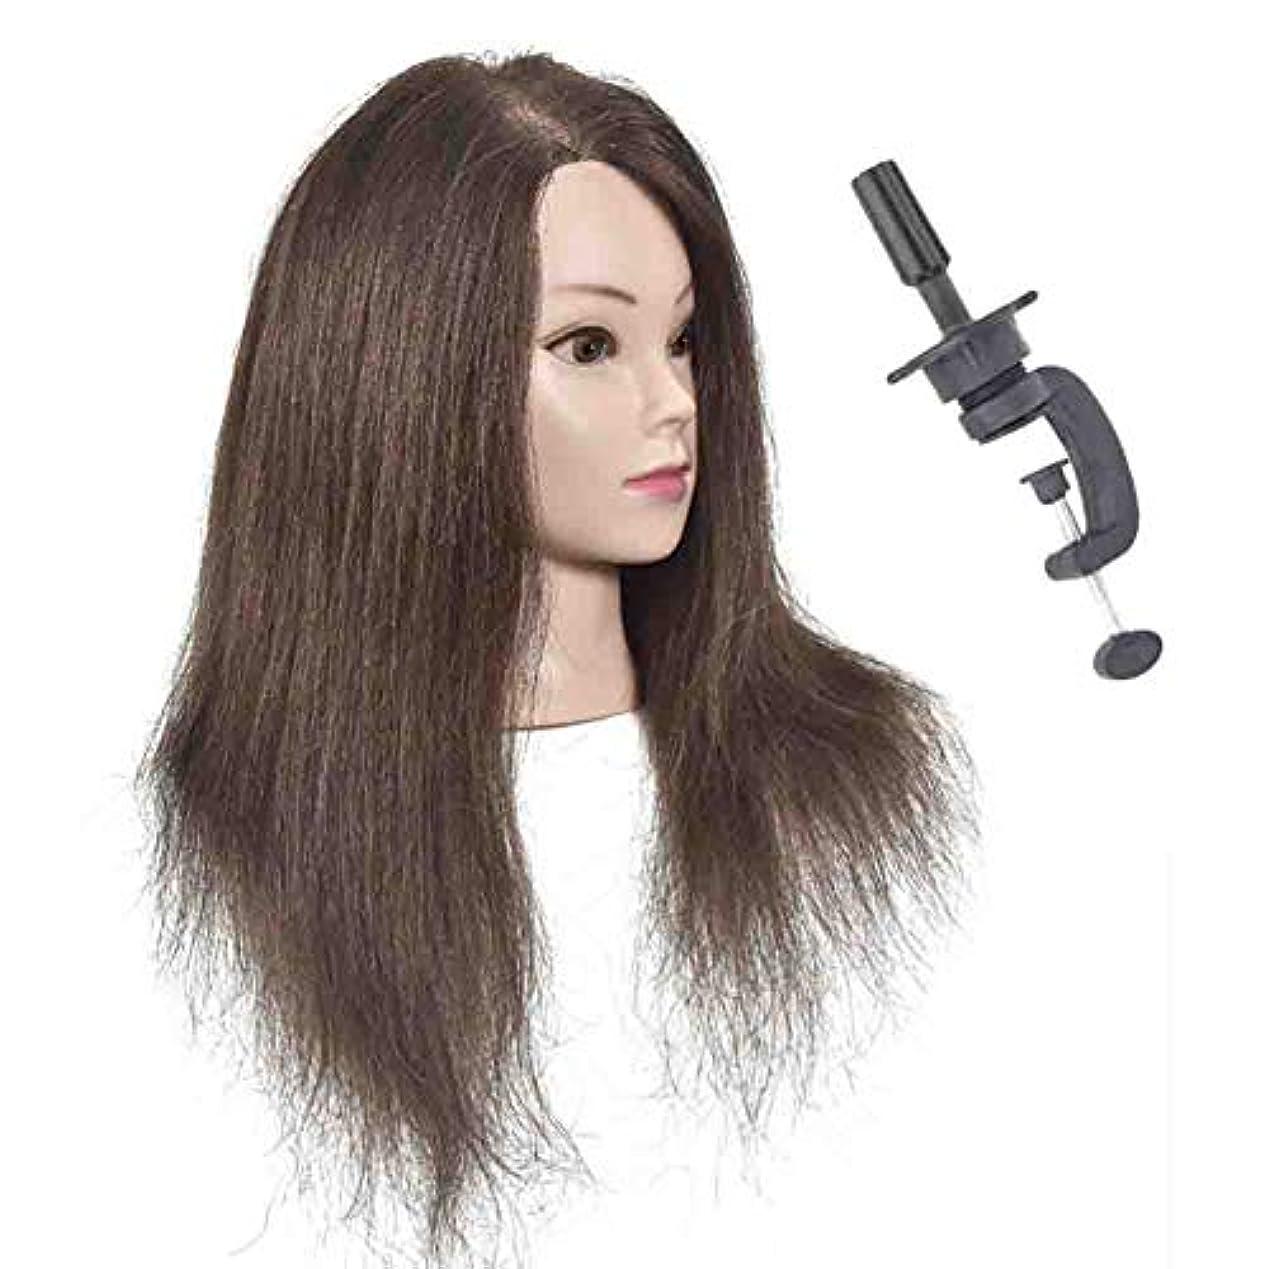 みすぼらしいきつく適用済みリアルヘアワイヤーヘアティーチングヘッドパーマヘアウィービングヘアモデルヘアダイイング理髪ダミーヘッドモデル